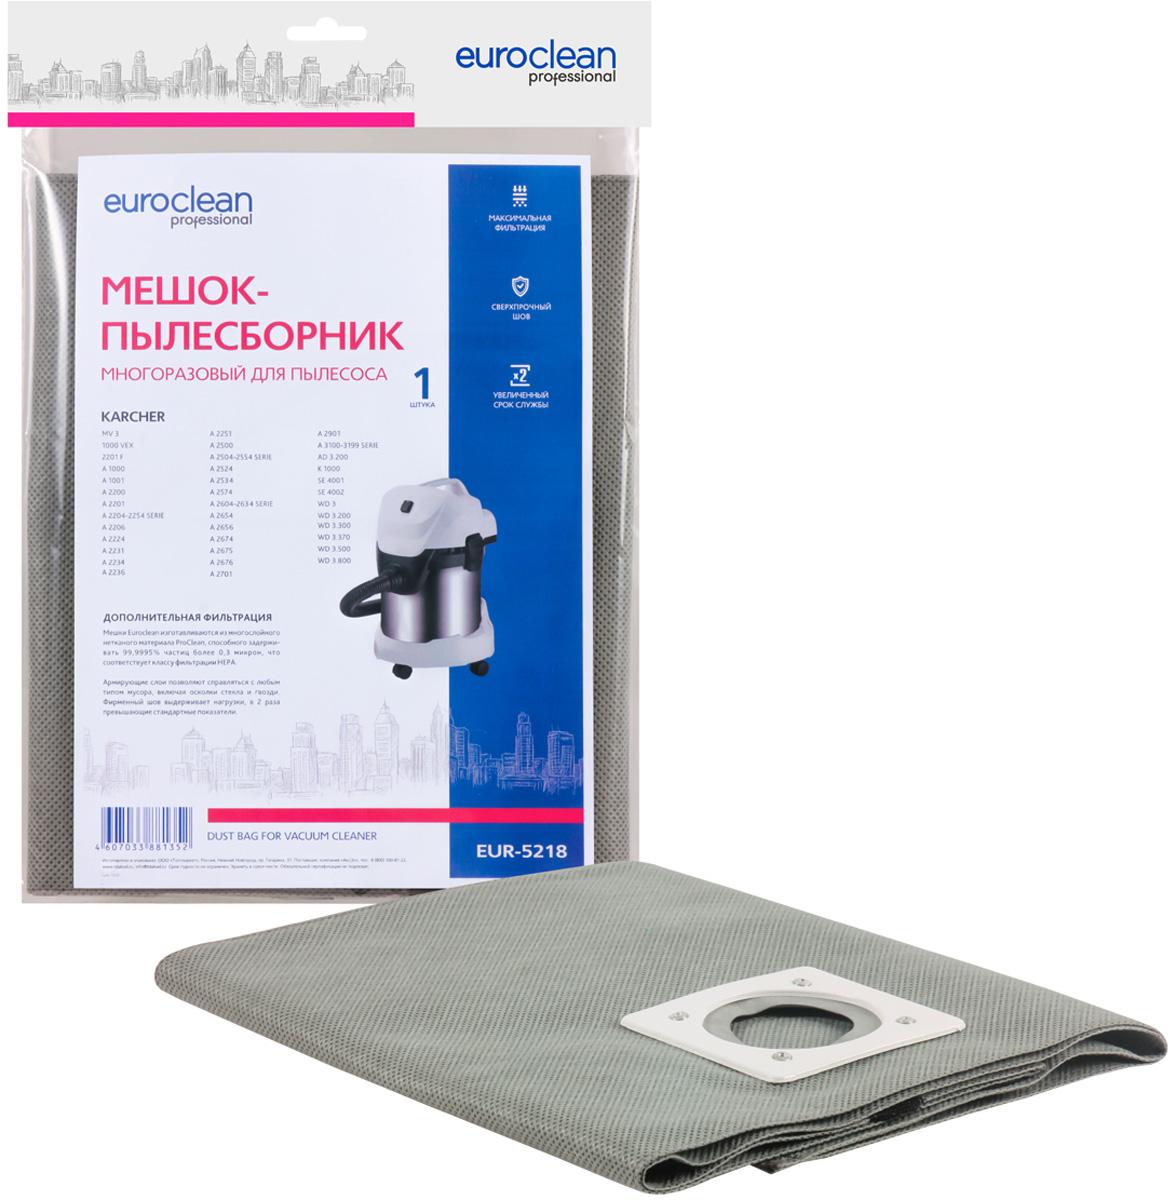 Euroclean EUR-5218 многоразовый пылесборник для пылесоса KARCHER, 1 шт мешок пылесборник rock professional sb el2 1шт многоразовый для electrolux s bag